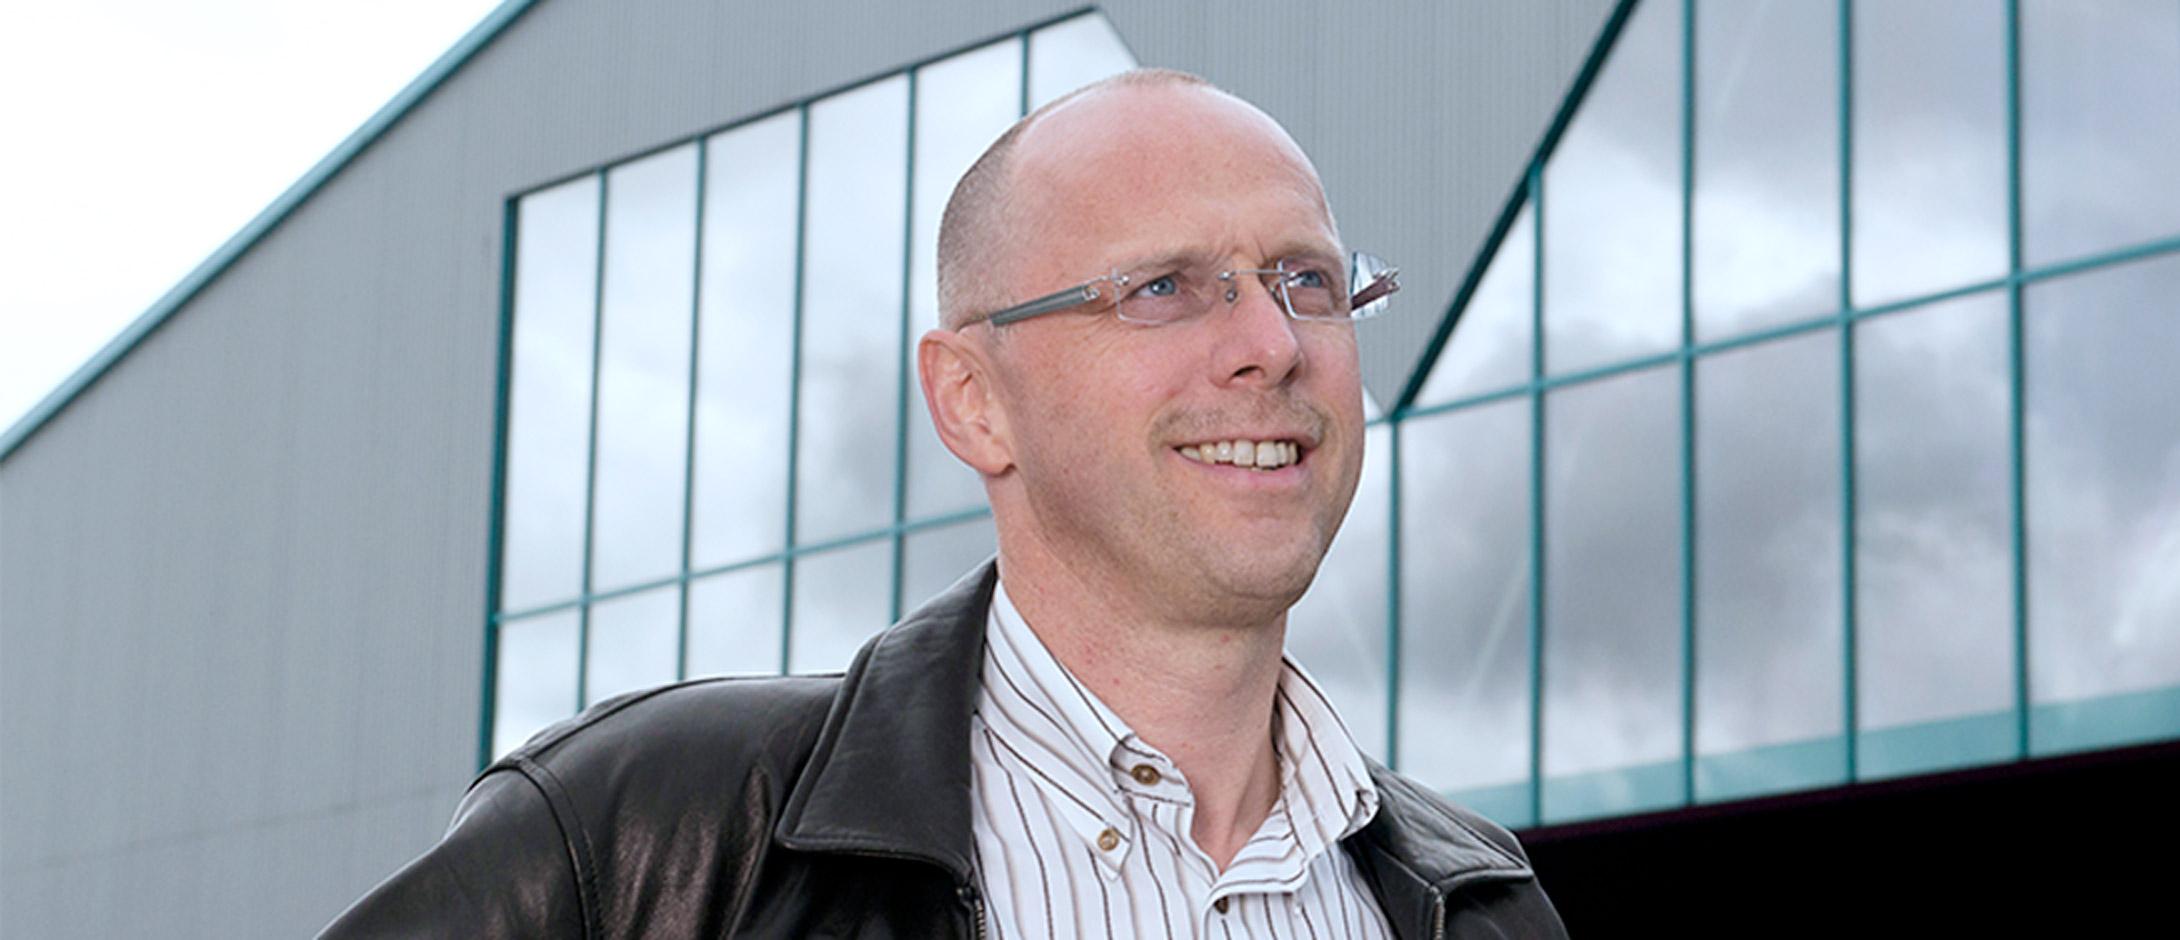 Referenzkunde Harald Schreiner GF, PBS Pulverbeschichtung Schreiner GmbH & Co. KG